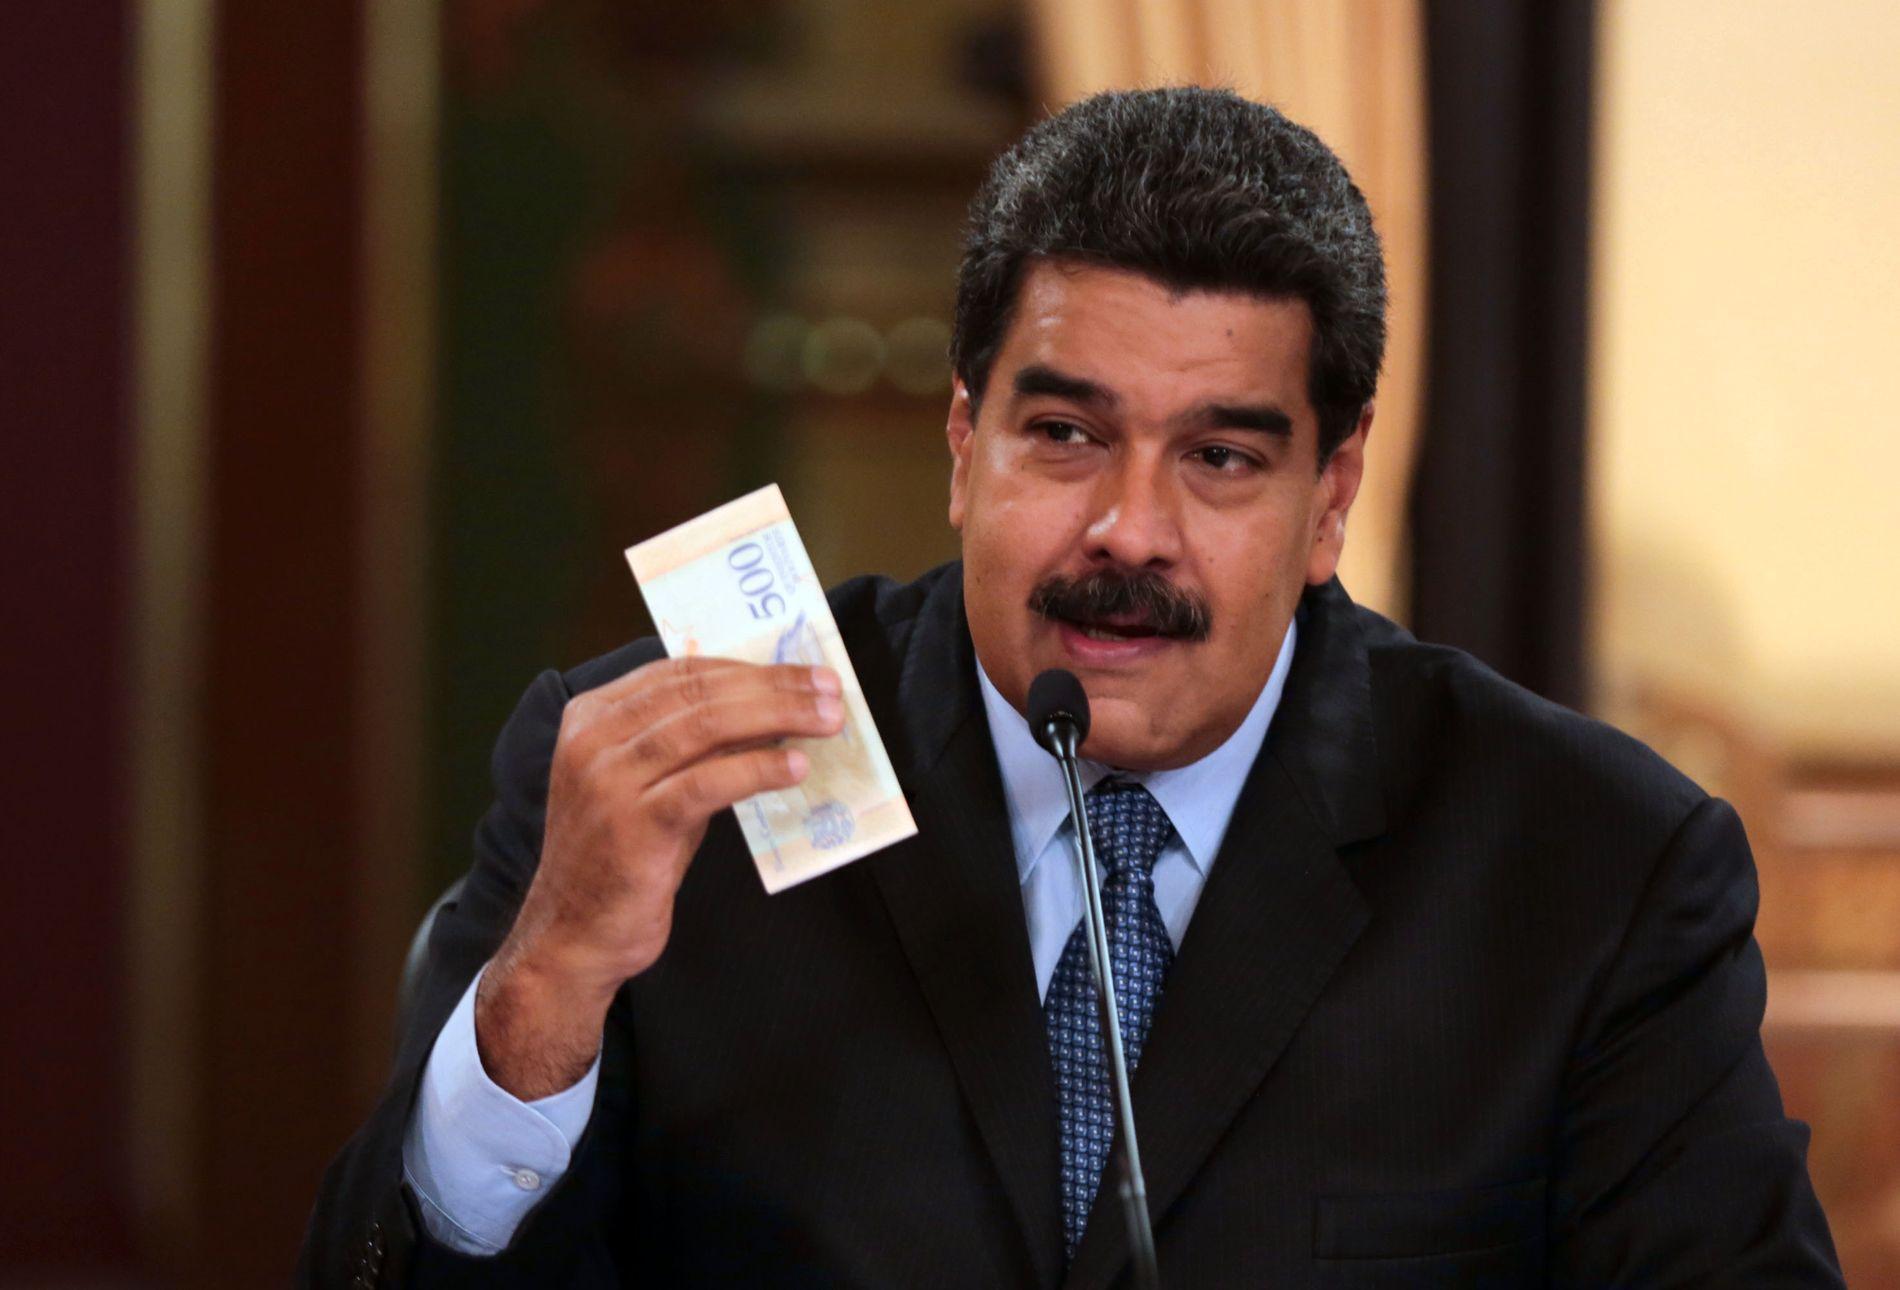 d0578a997 Lanserer ny valuta: Så mye koster én kylling i Venezuela